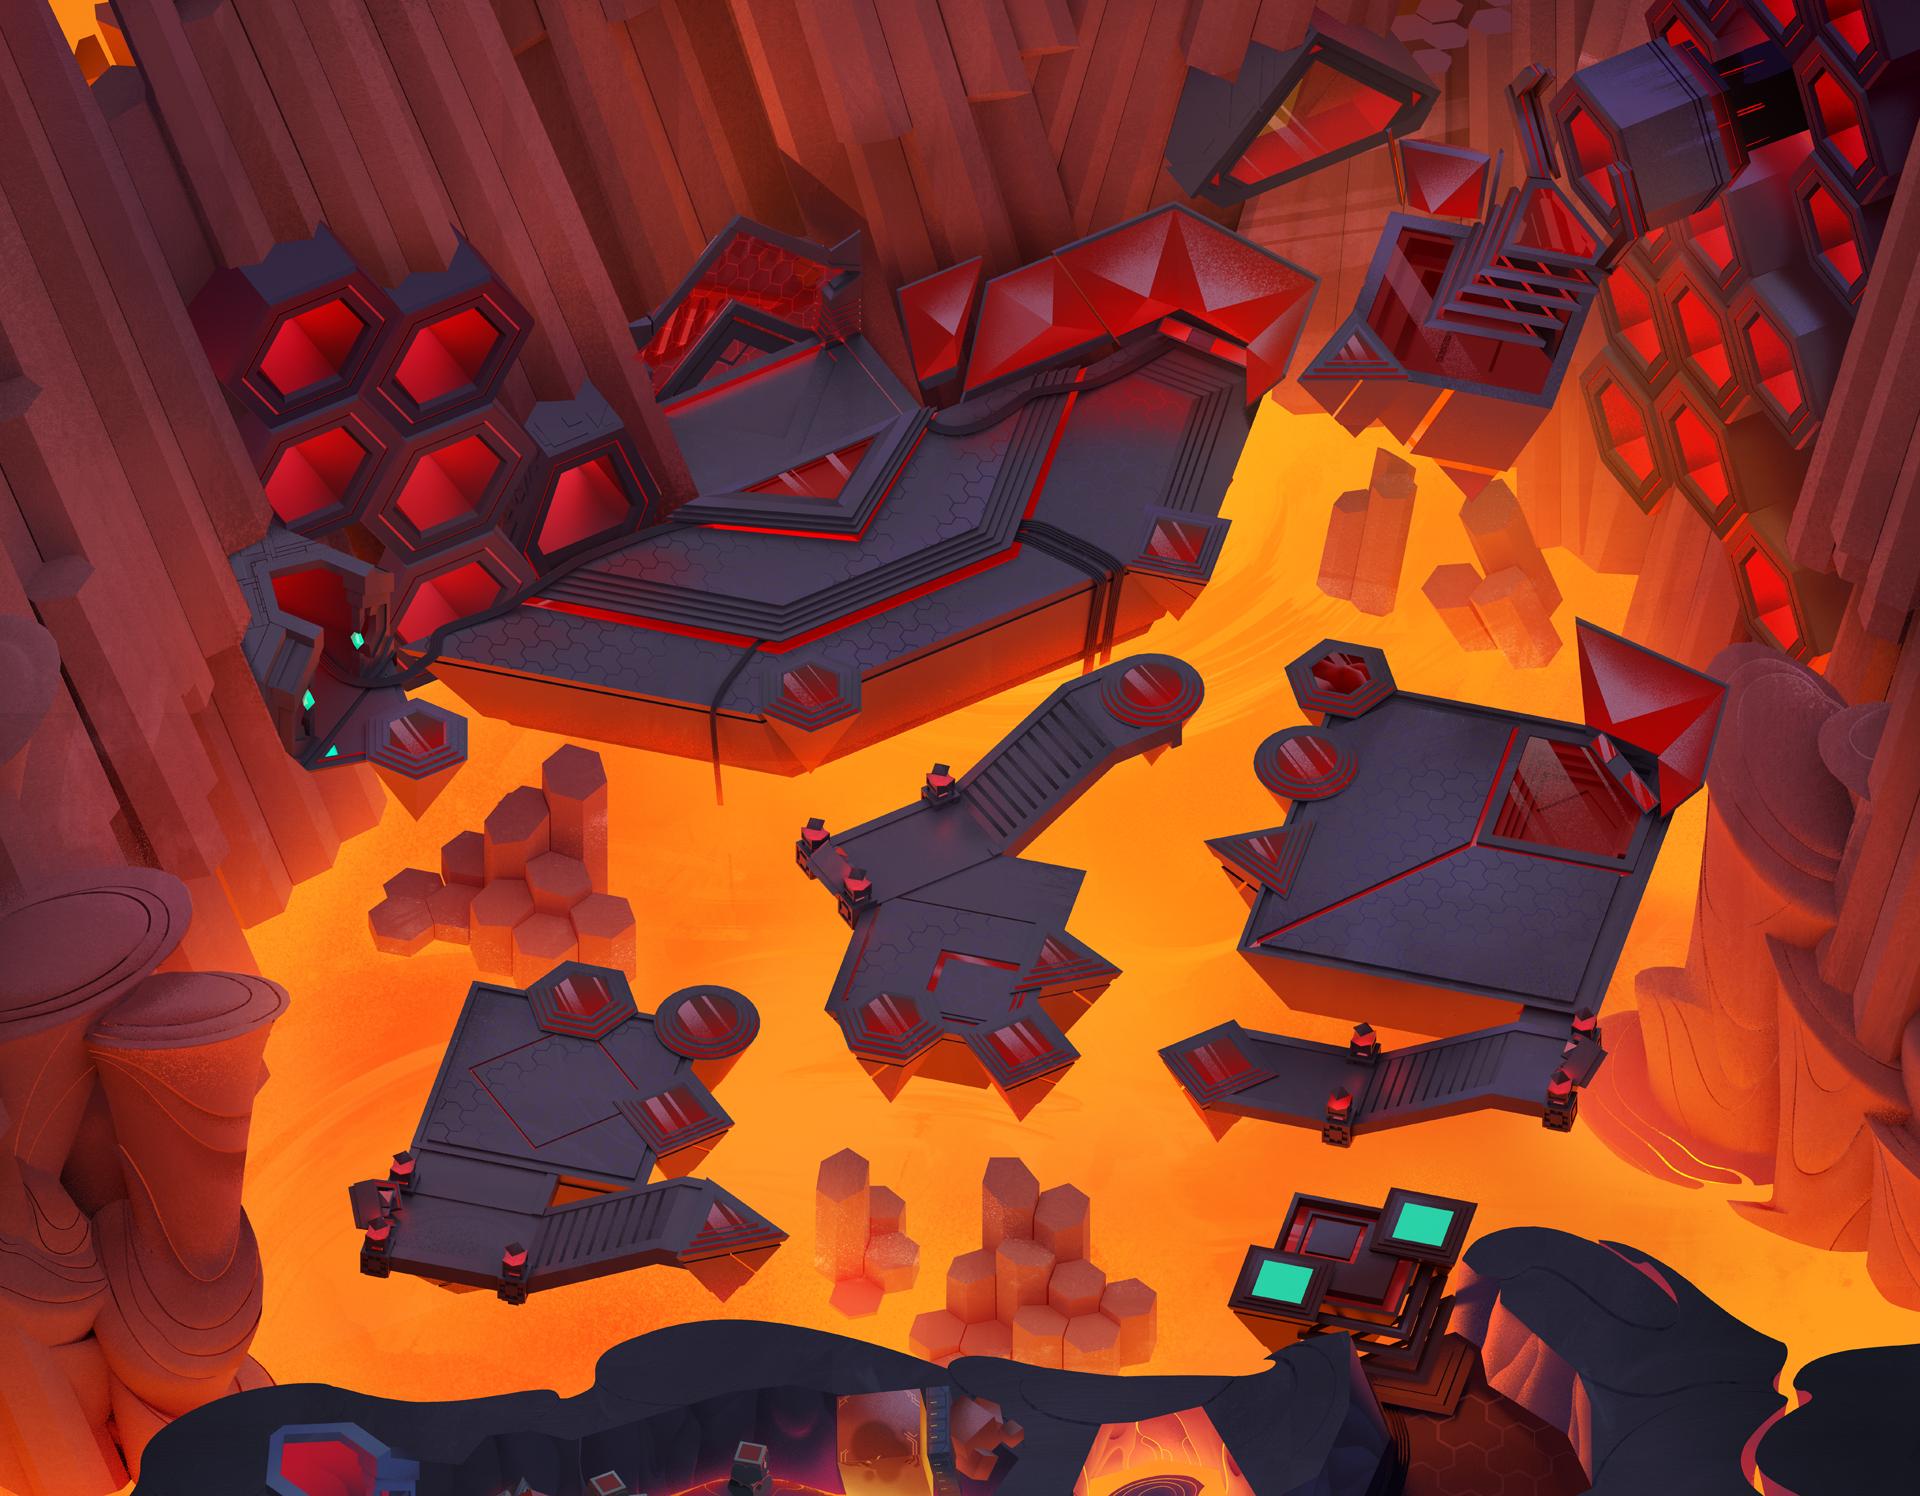 Volcano - Teleporter Puzzle